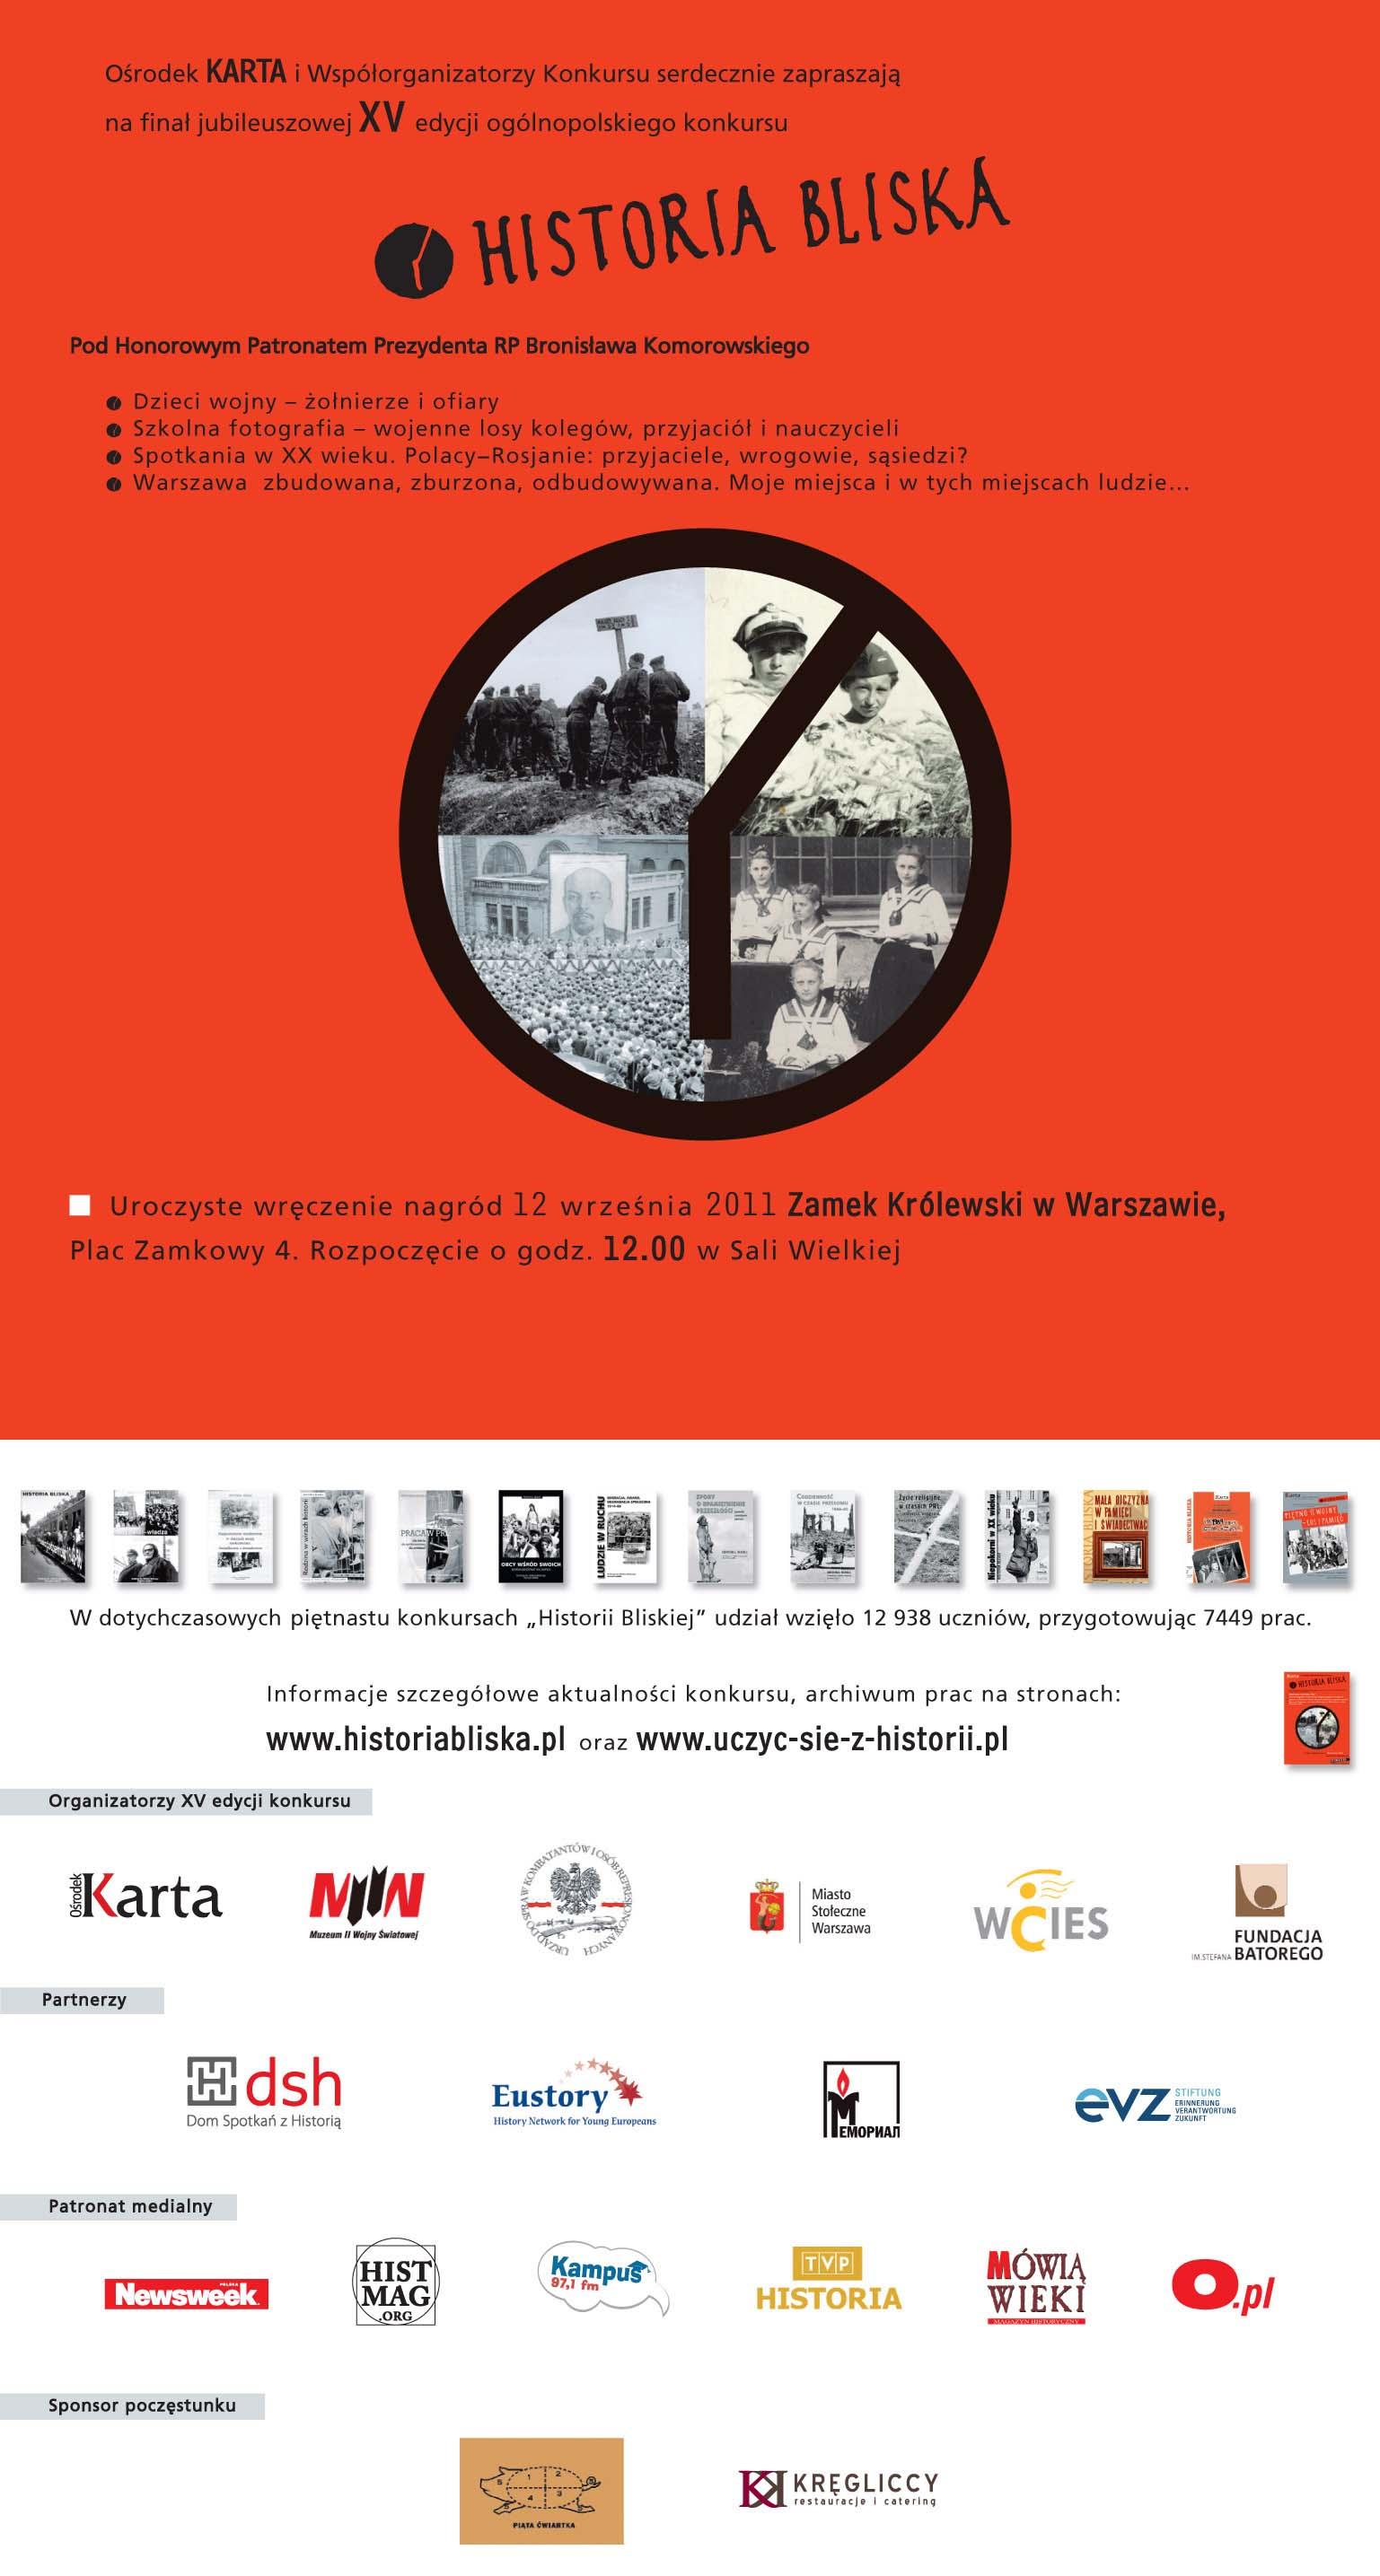 Plakat (materiał udostępniony przez organizatora)